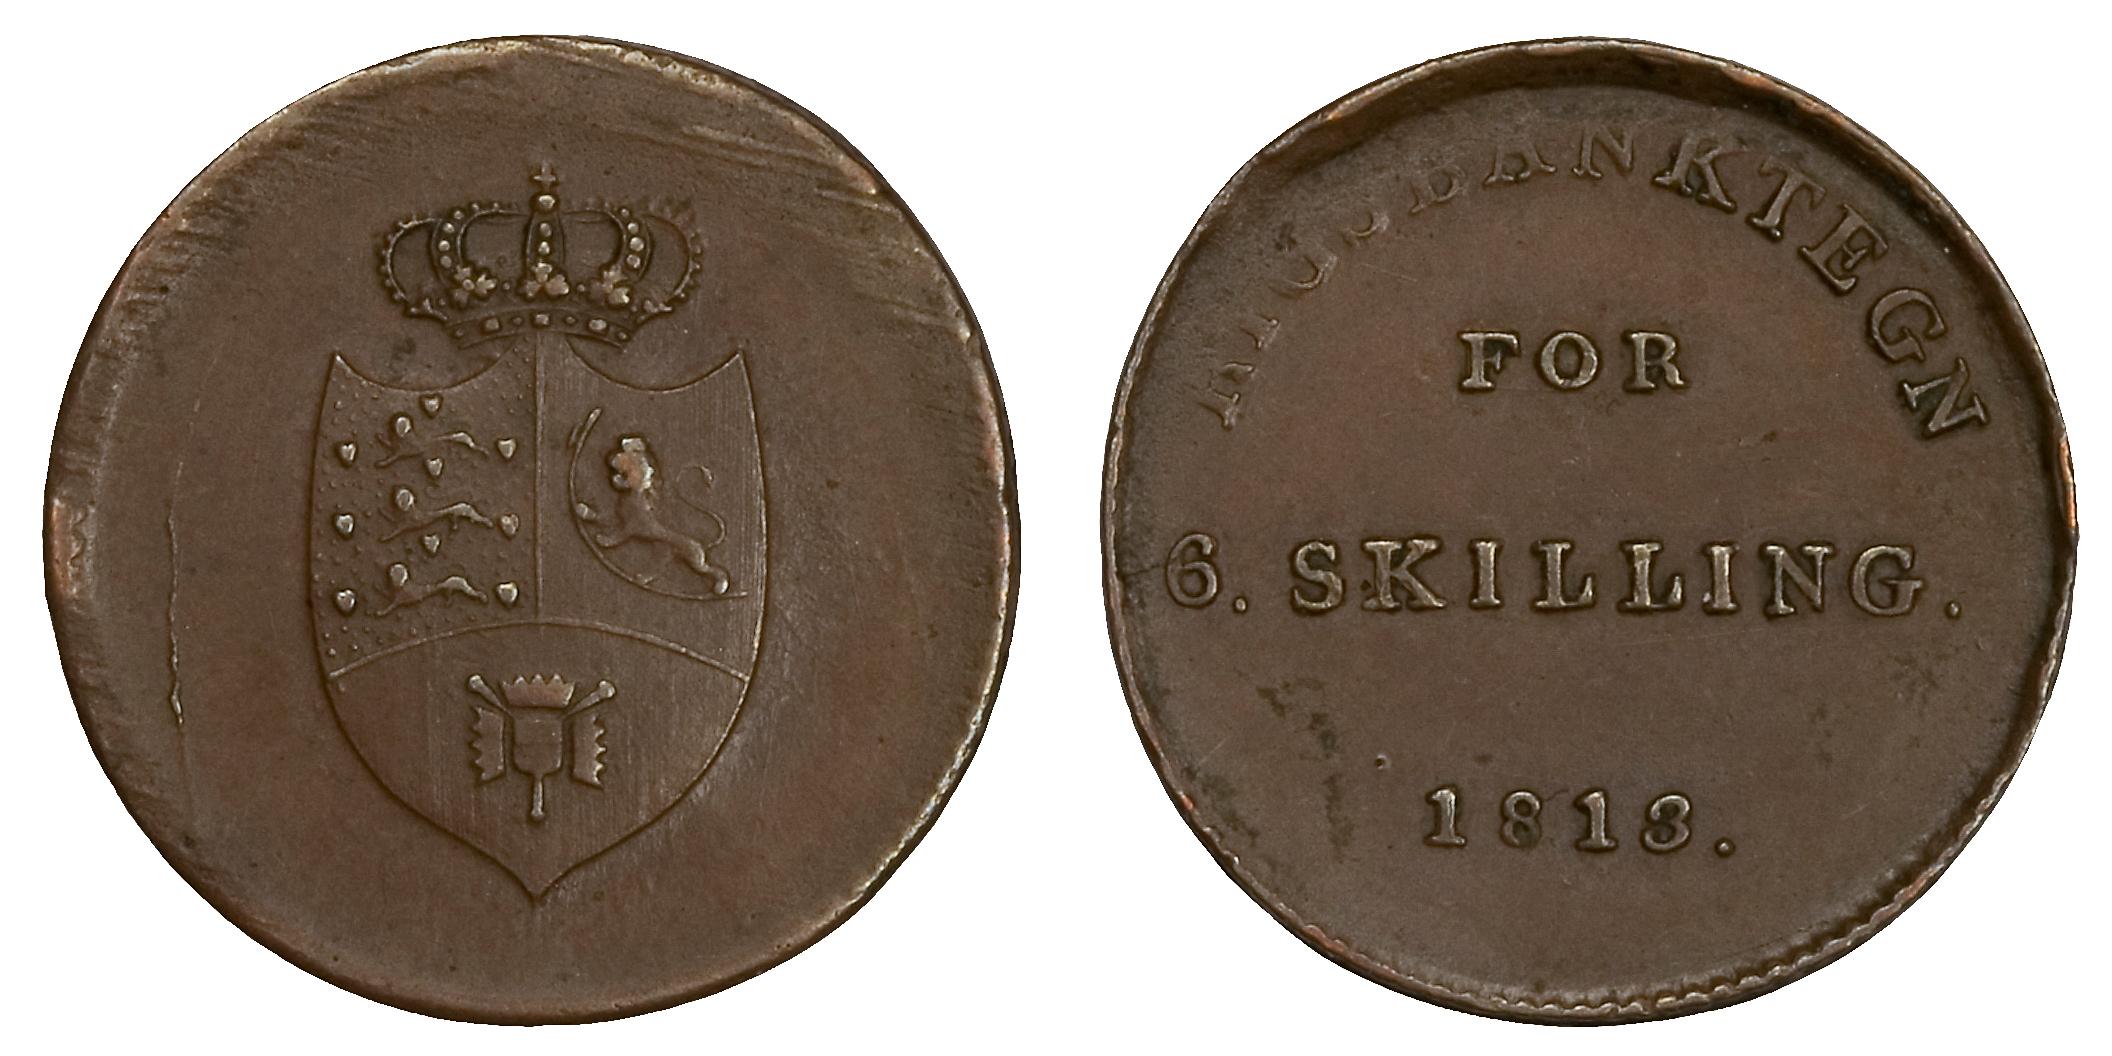 Riksbankstegn for 6. skilling. 1813. Denne mynten er preget i Danmark, og har en interessant historie verd å få med seg.